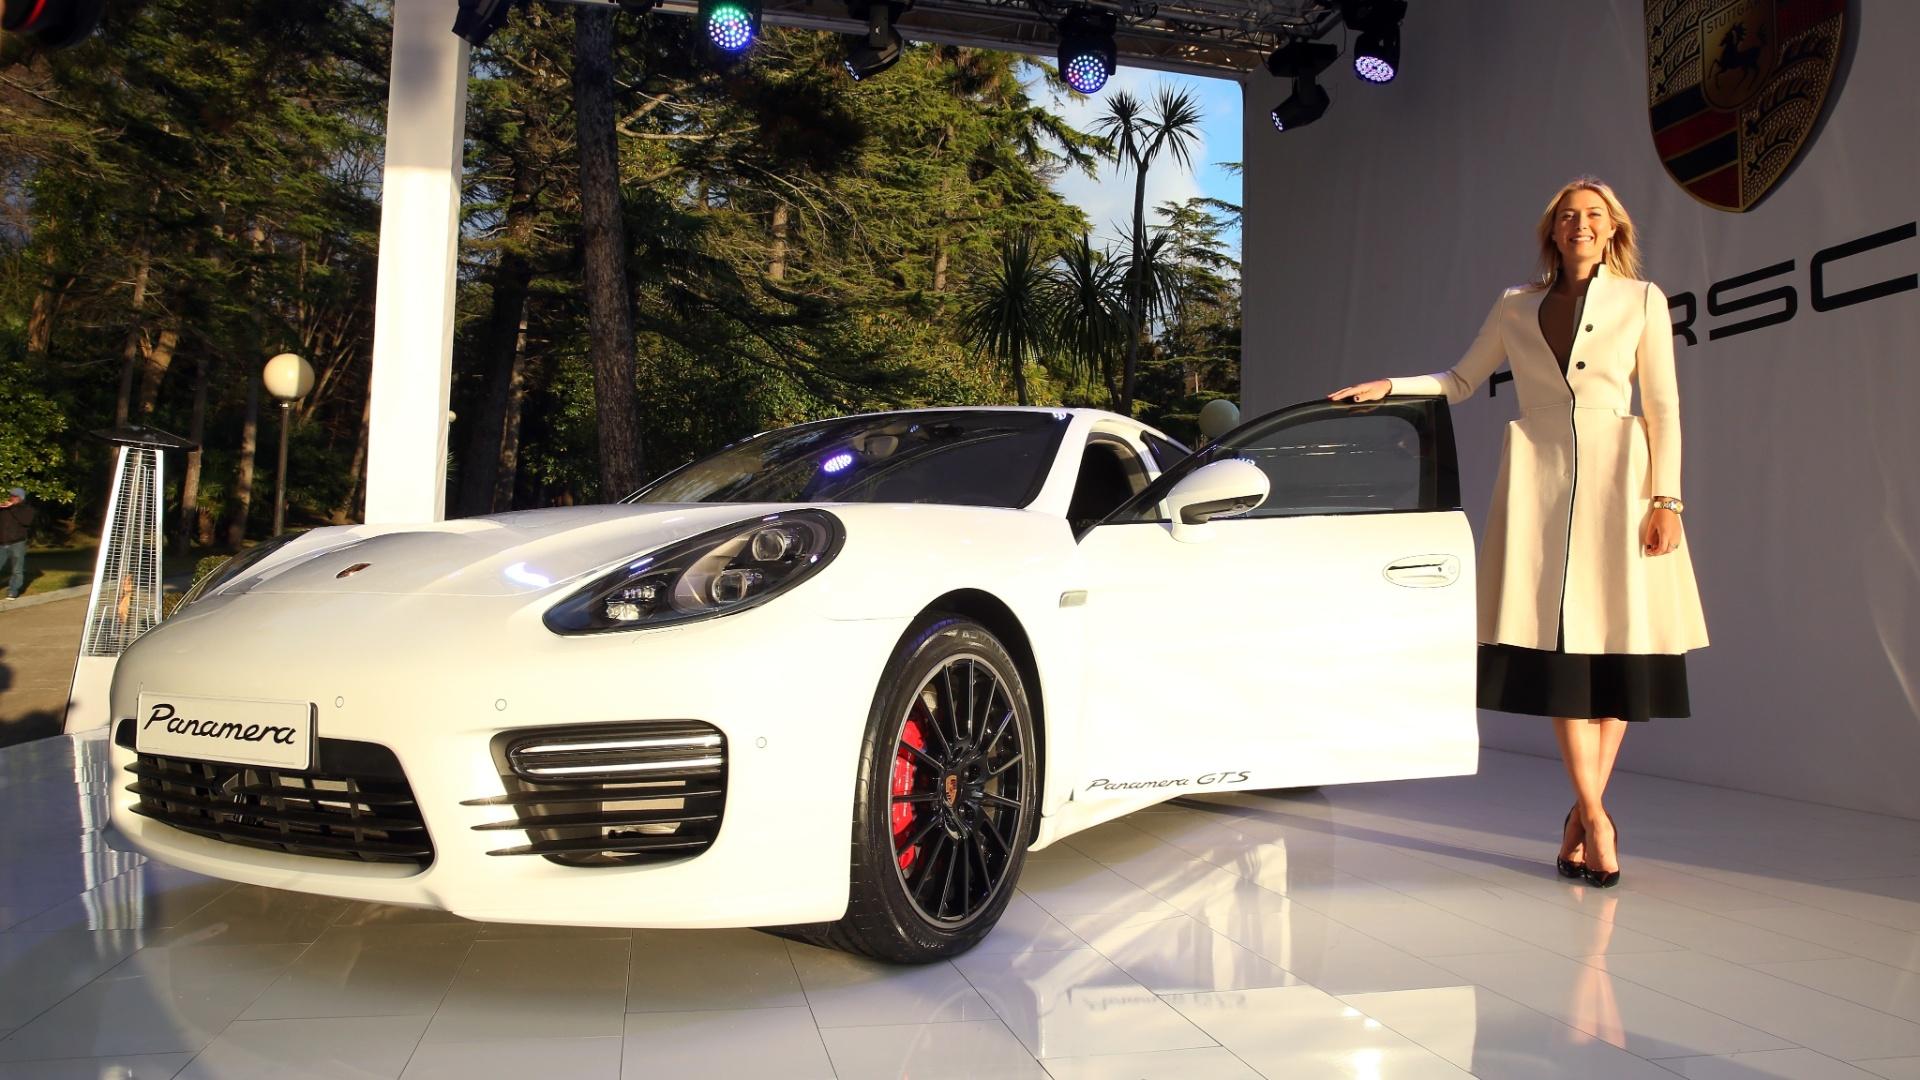 04.fev.2014 - Maria Sharapova posa ao lado do novo Porsche que leva o seu nome. A tenista russa é embaixadora da marca e ajudou a desenhar todos os detalhes do carro